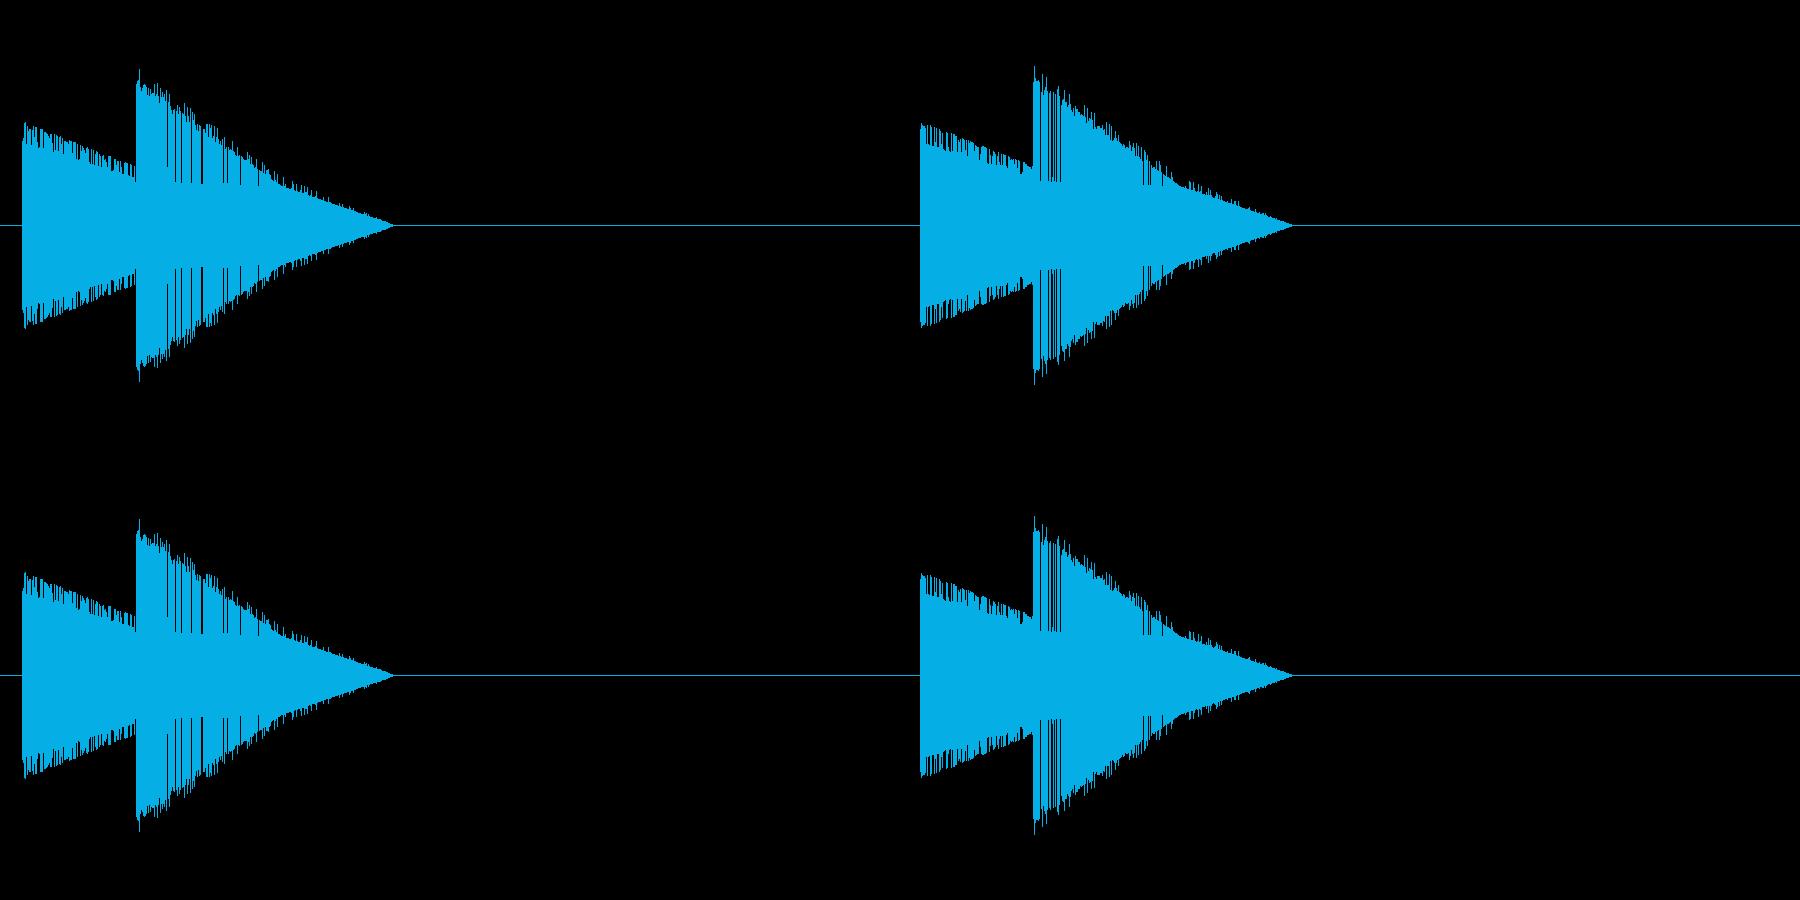 レトロゲーム風・巨大な足音・ループ再生の再生済みの波形